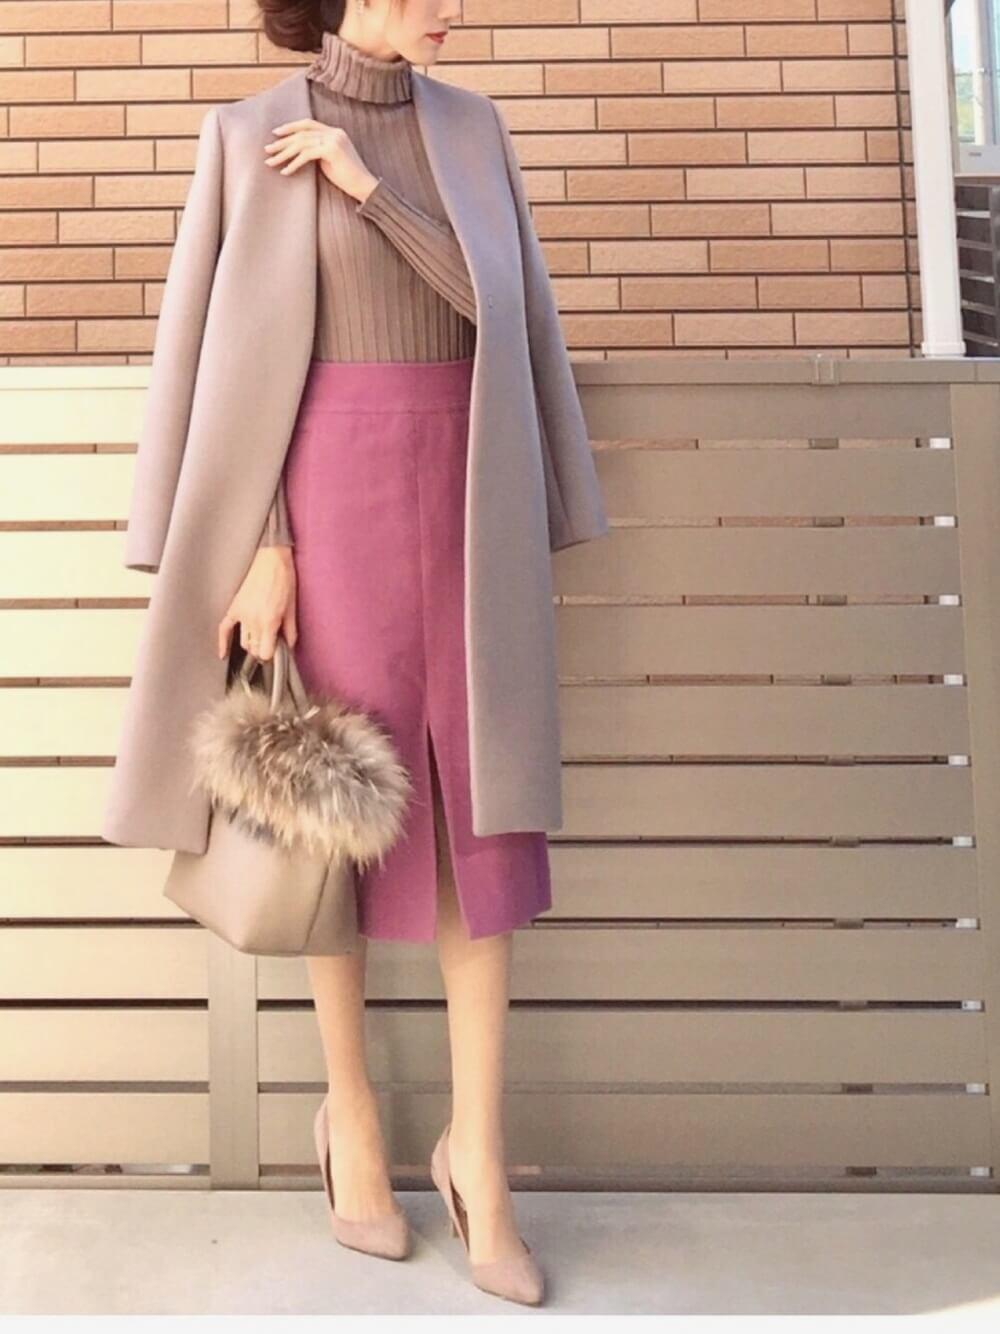 グレーノーカラーコートとピンクタイトスカートのコーデ画像